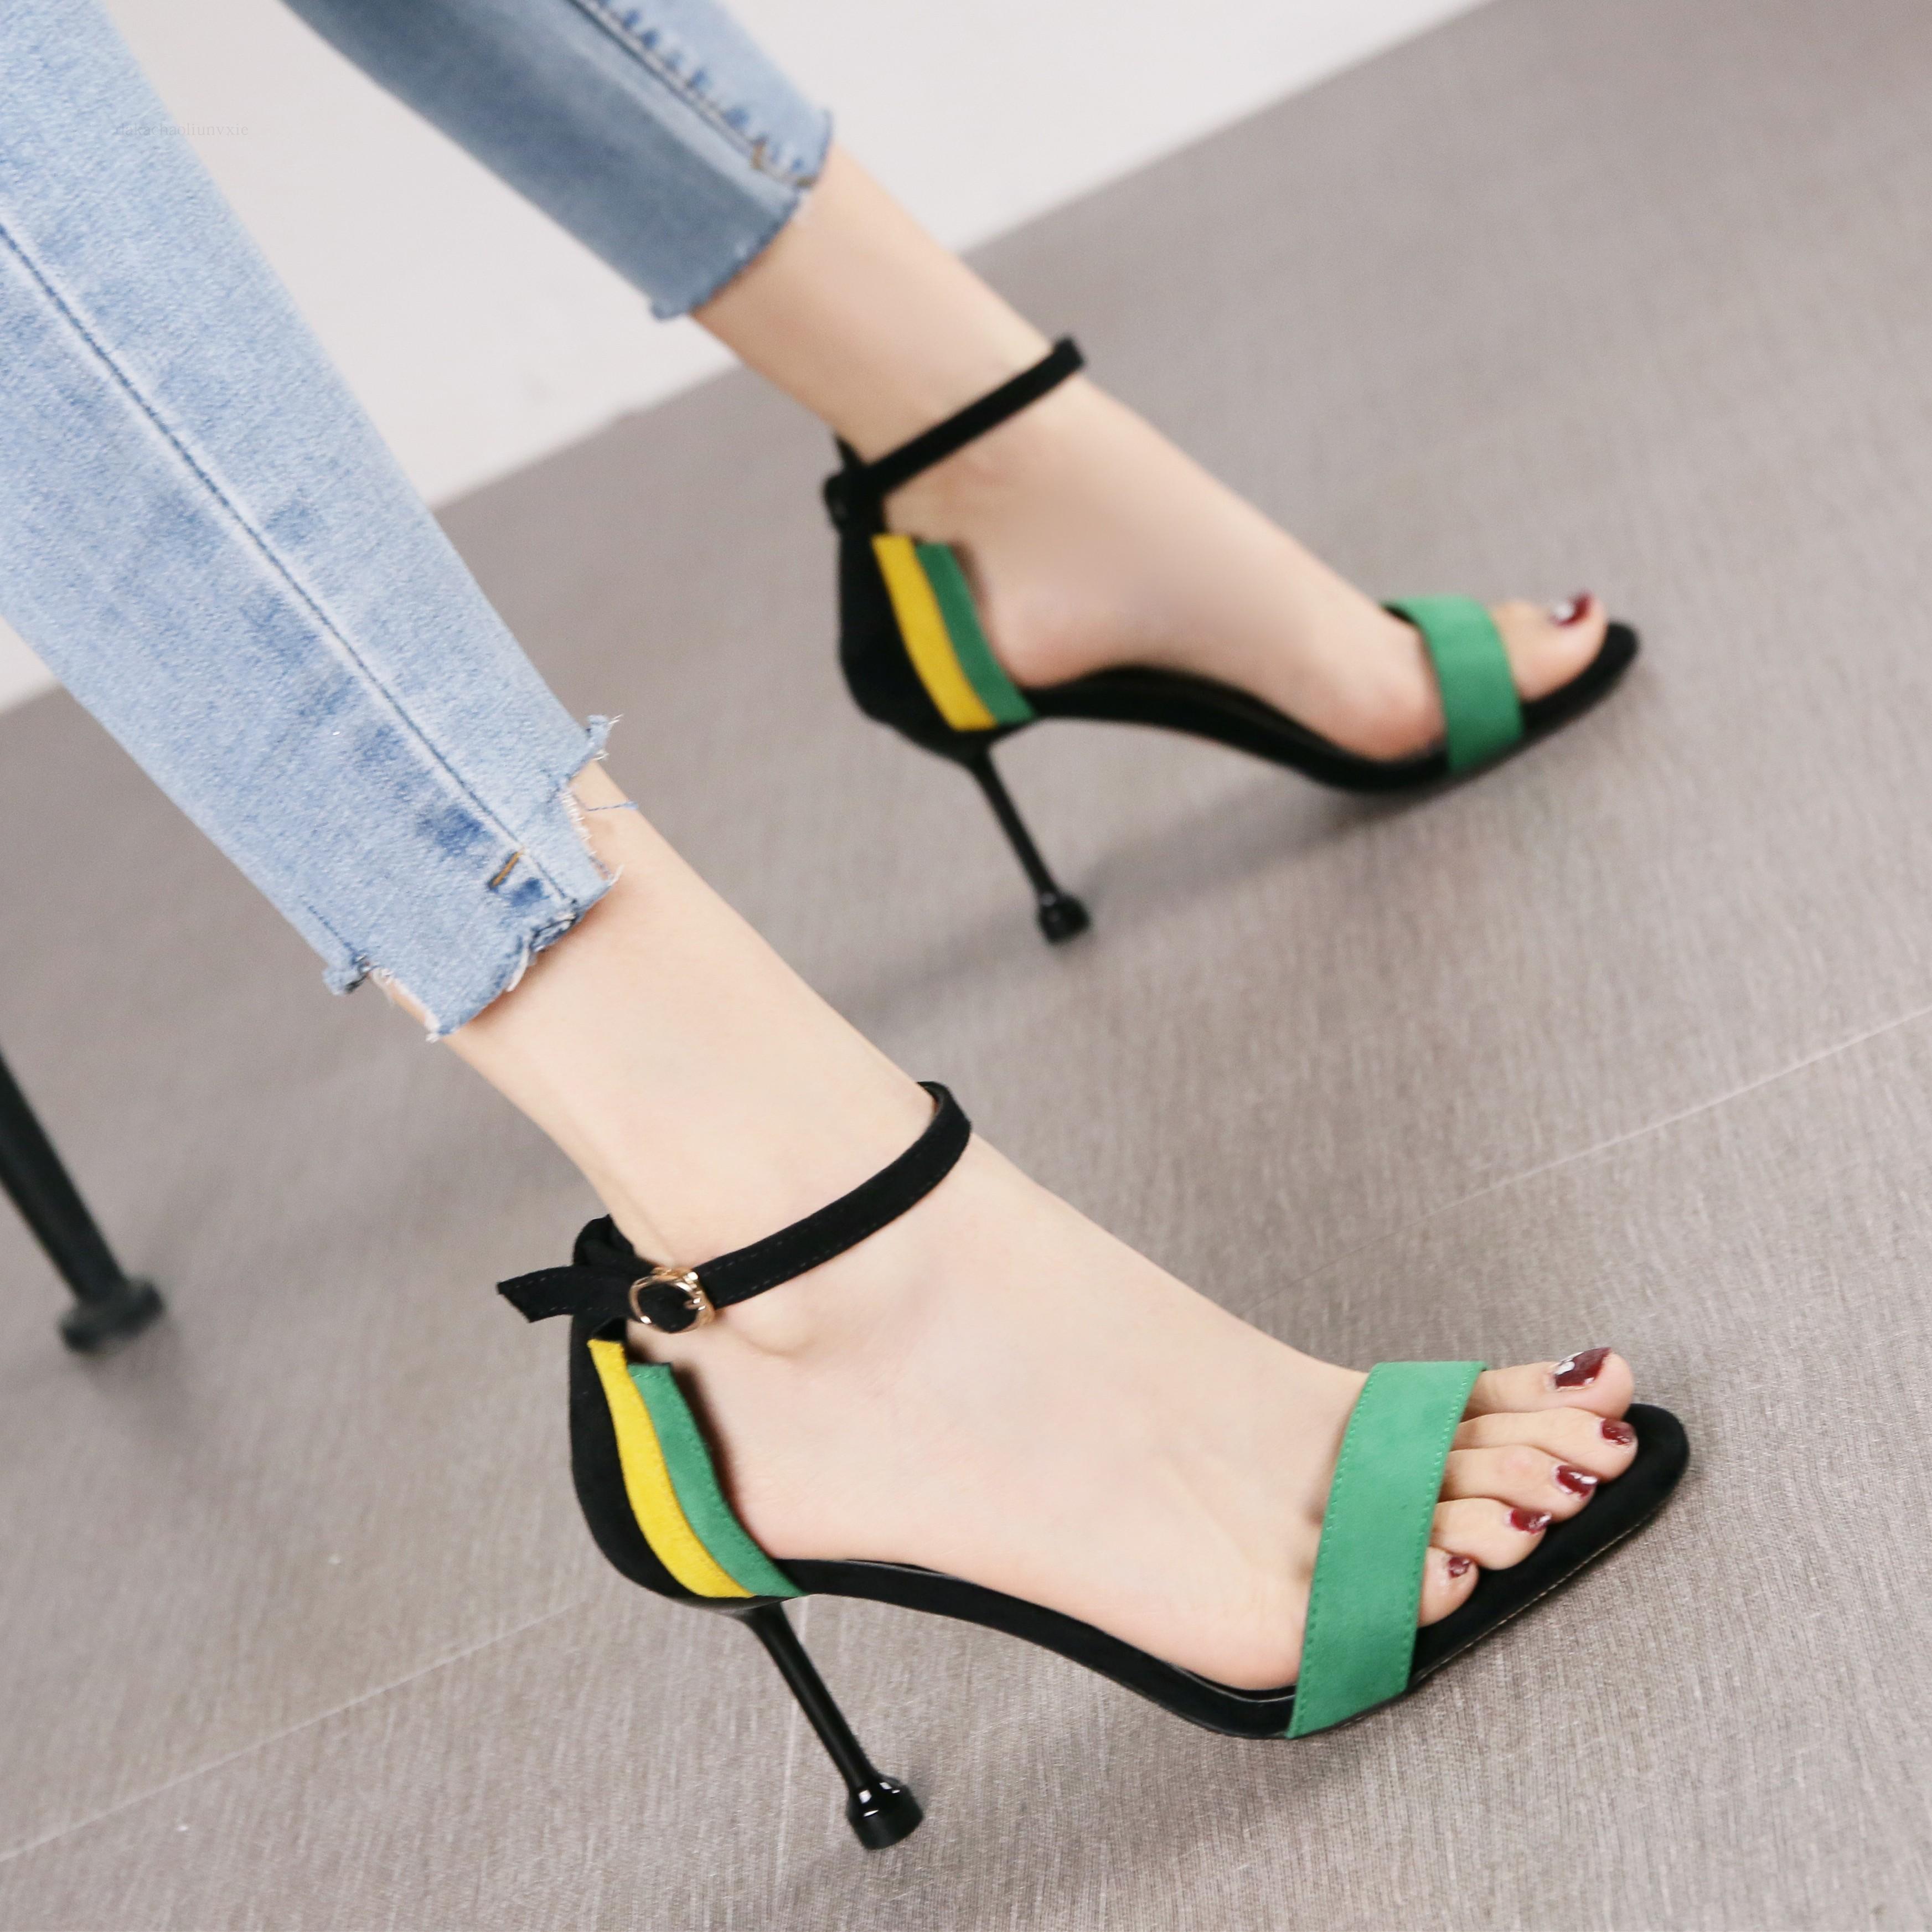 绿色凉鞋 韩版少女甜美拼色绒面露趾凉鞋女夏2018英伦风时尚绿色细跟高跟鞋_推荐淘宝好看的绿色凉鞋